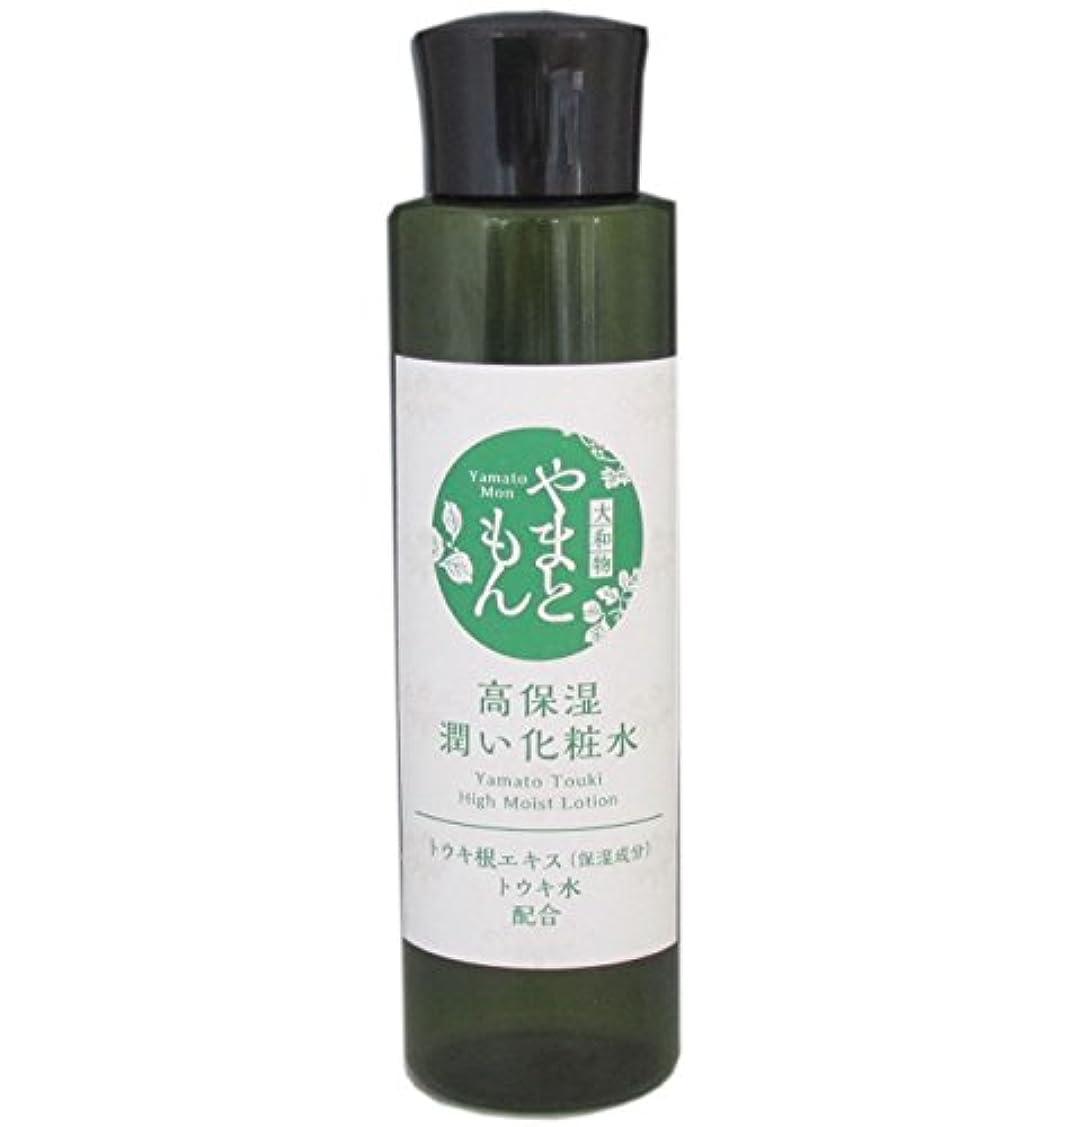 ウッズバーピボット奈良産和漢生薬エキス使用やまともん化粧品 当帰化粧水(とうきけしょうすい)